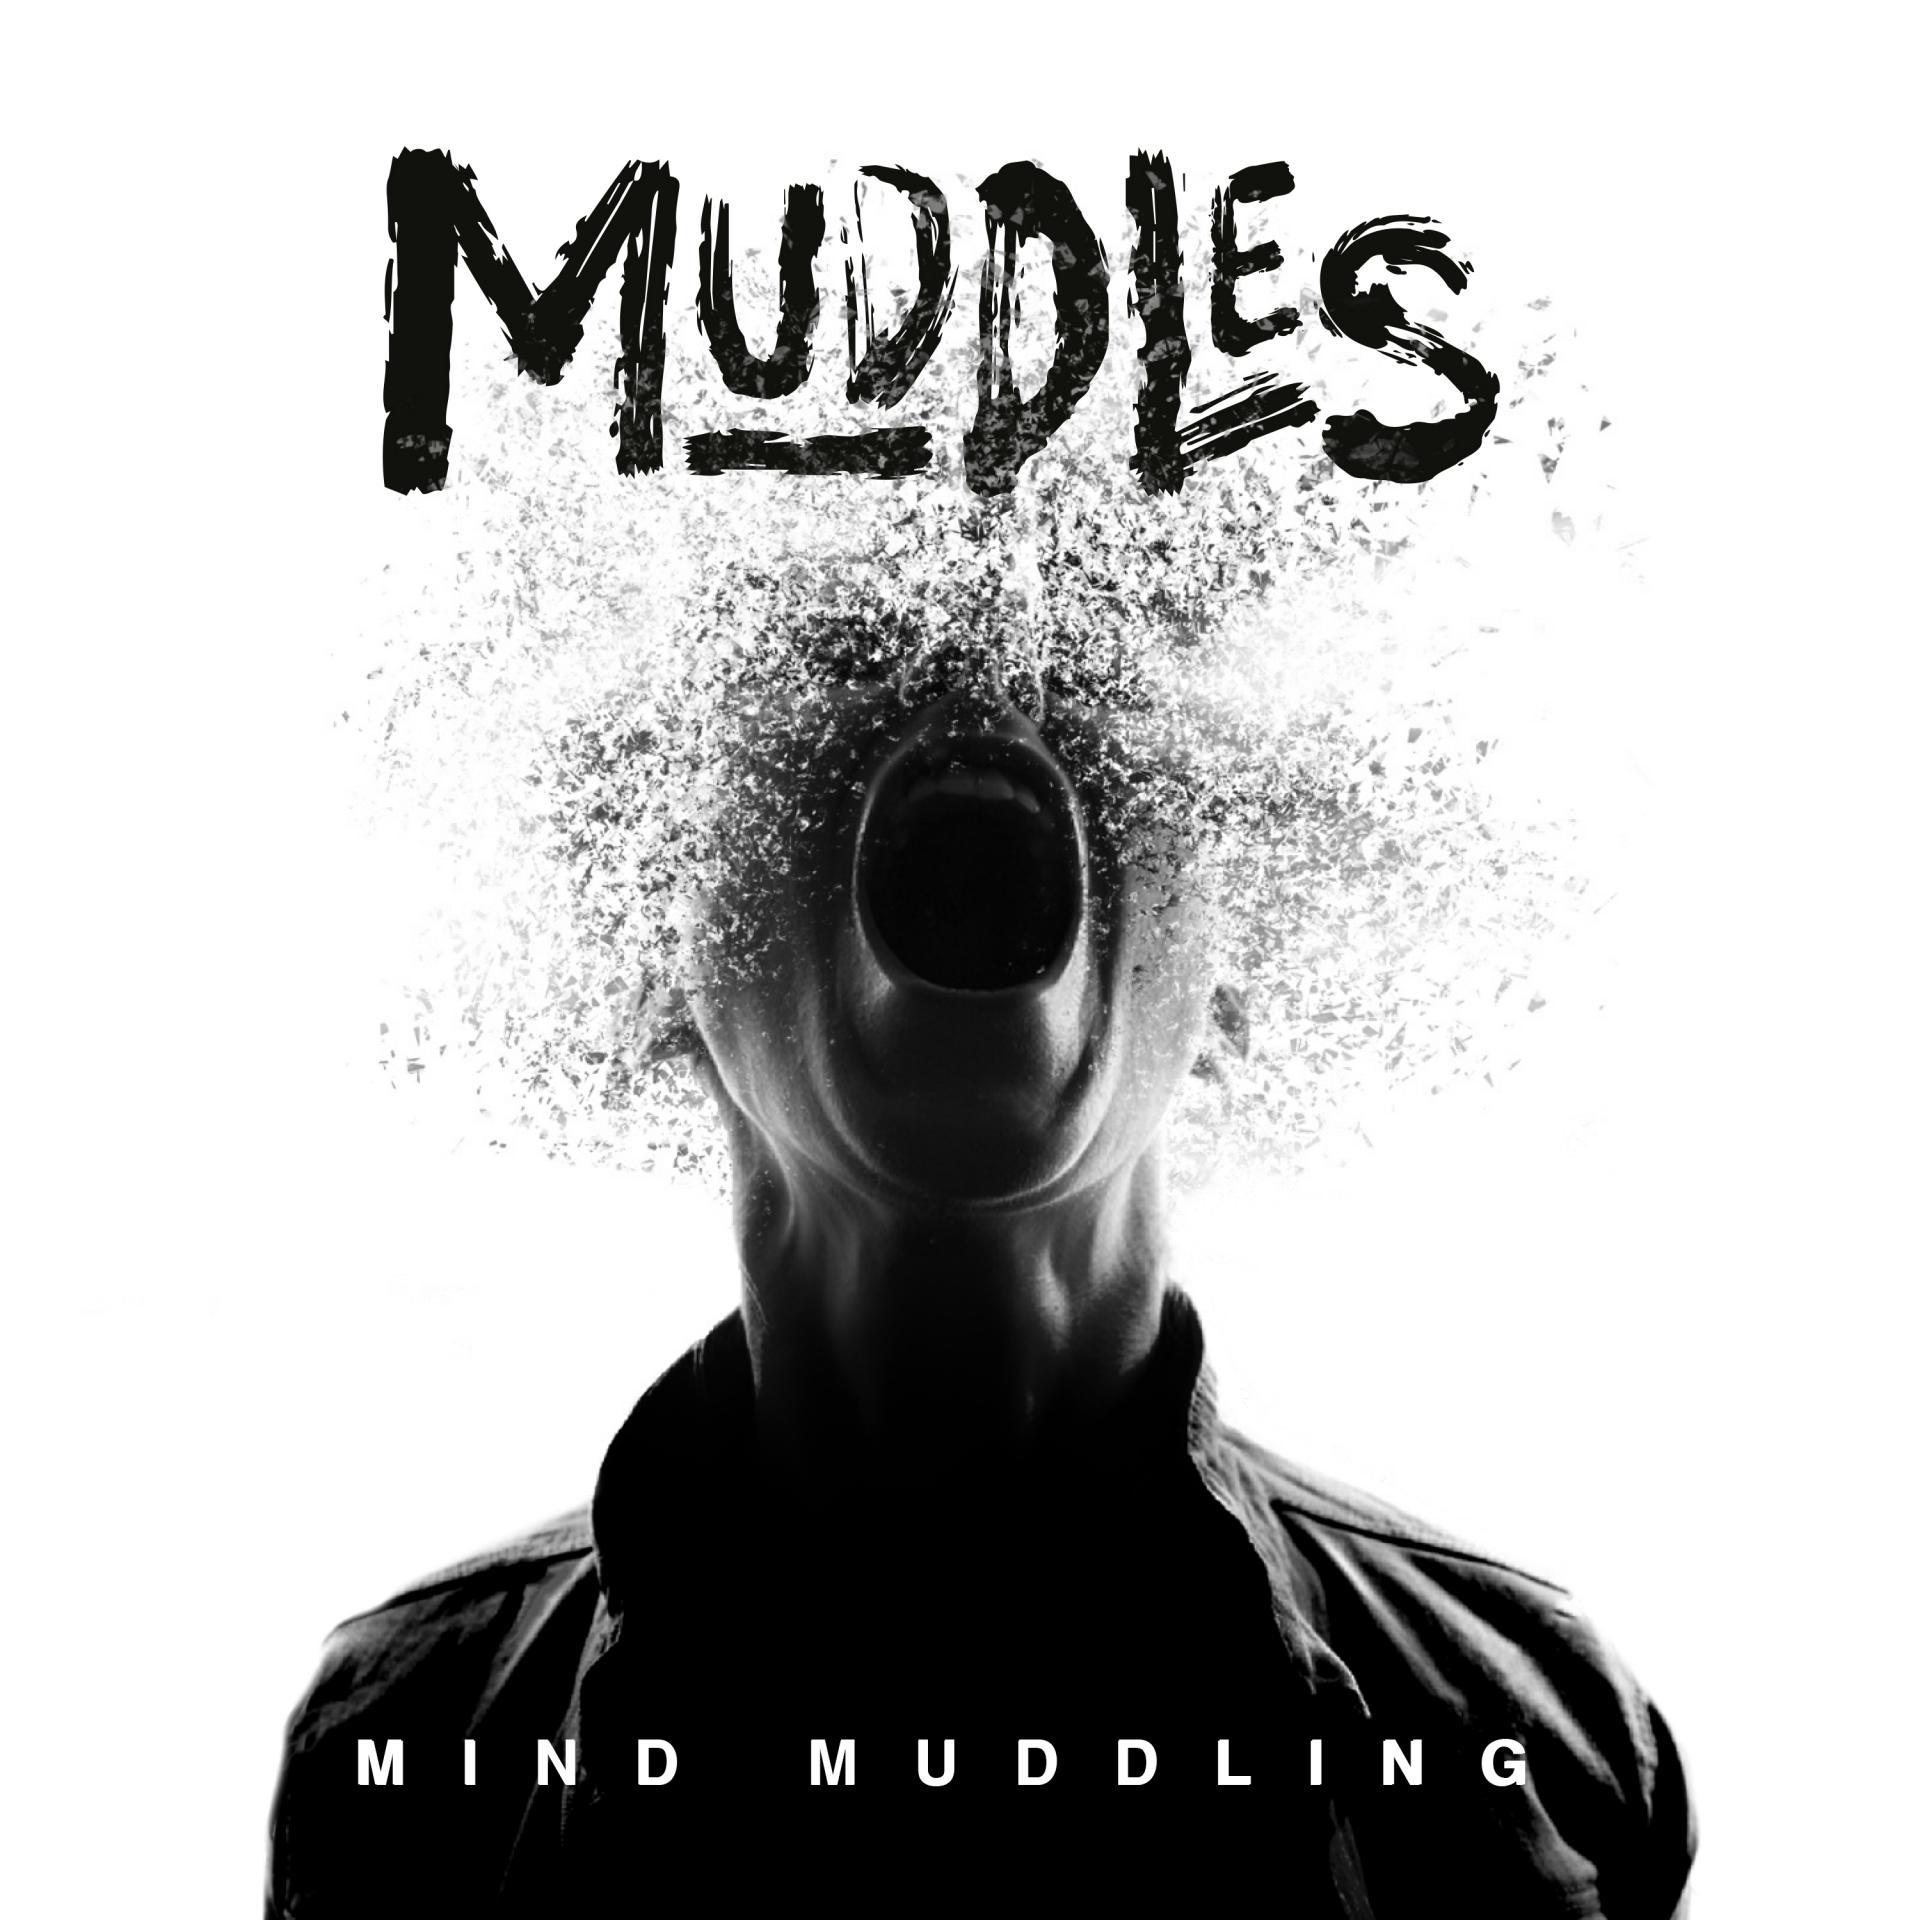 Mindumuddling pochette 3000x3000 muddles